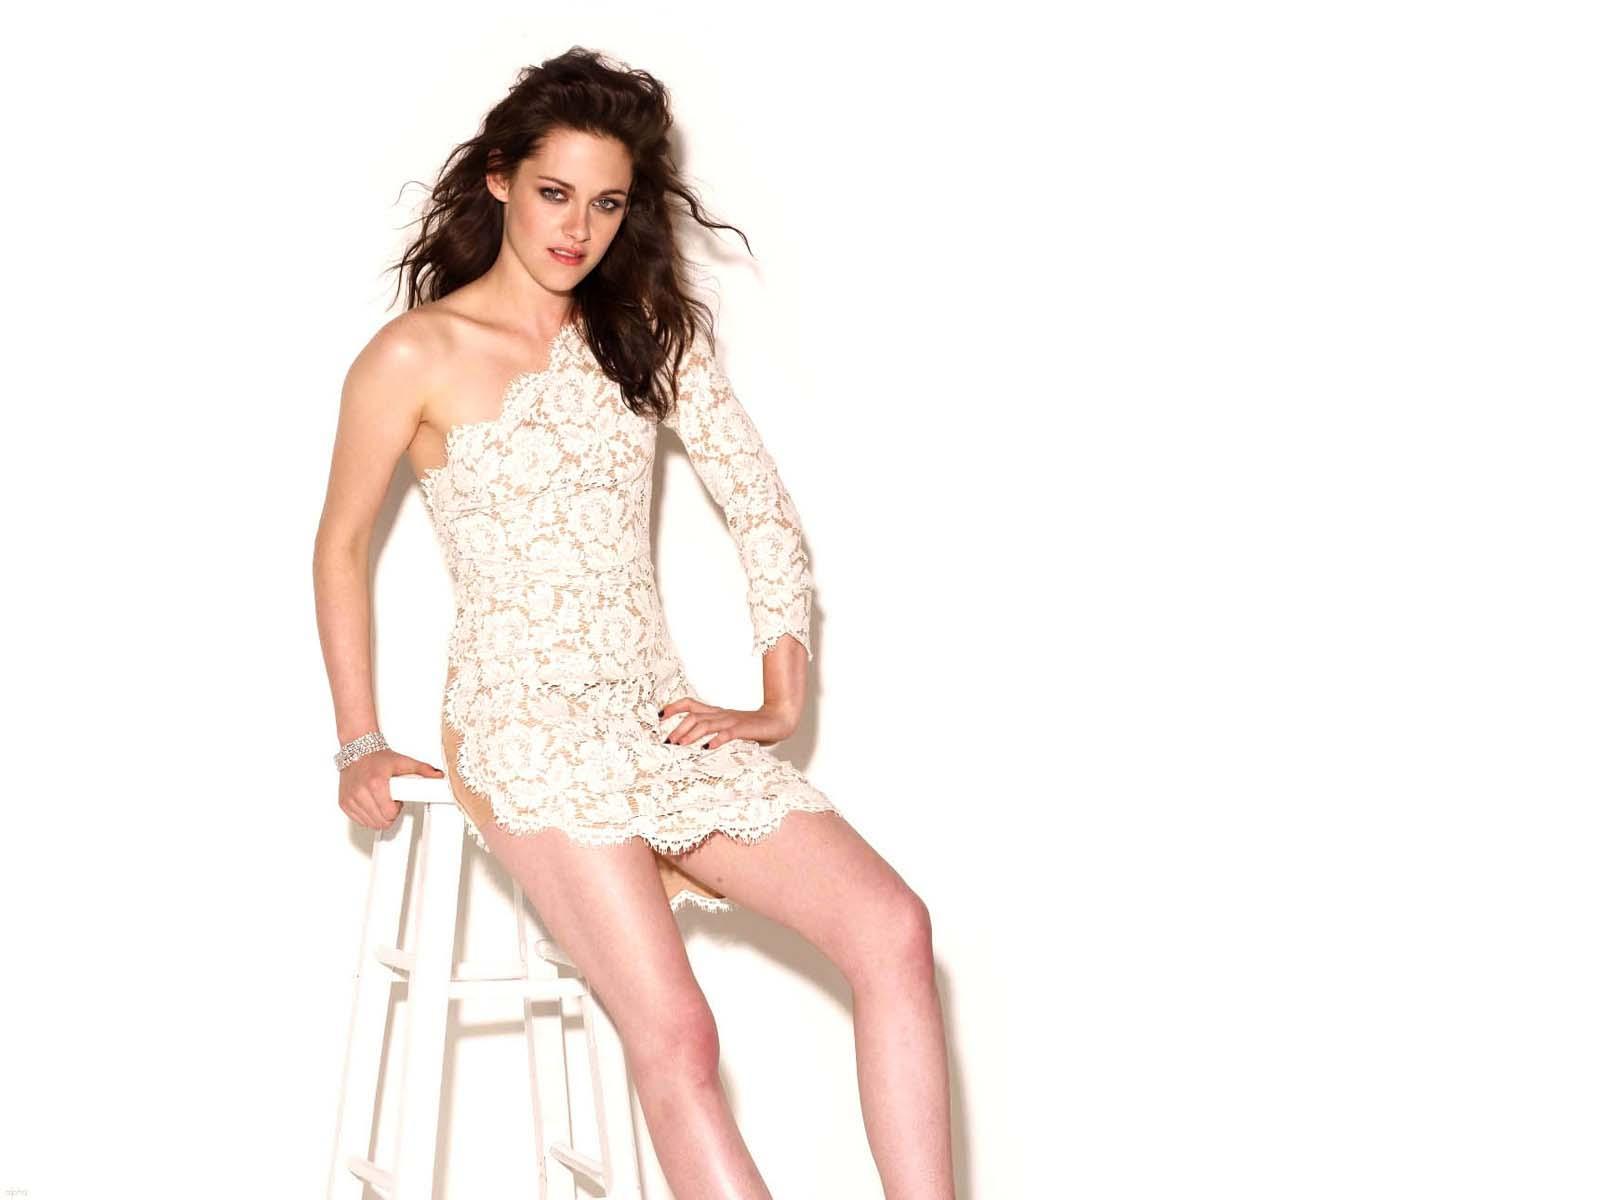 Twilight/Alacakaranlık serisiyle tanınan ABD'li oyuncu Kristen Stewart, Hollywood'daki cinsiyetçilik ve seks sahneleri hakkında açıklamalarda bulundu. 25 yaşındaki oyuncu, bir kadın olarak film endüstrisinde karşılaştığı eşitsizlikleri anlattı.